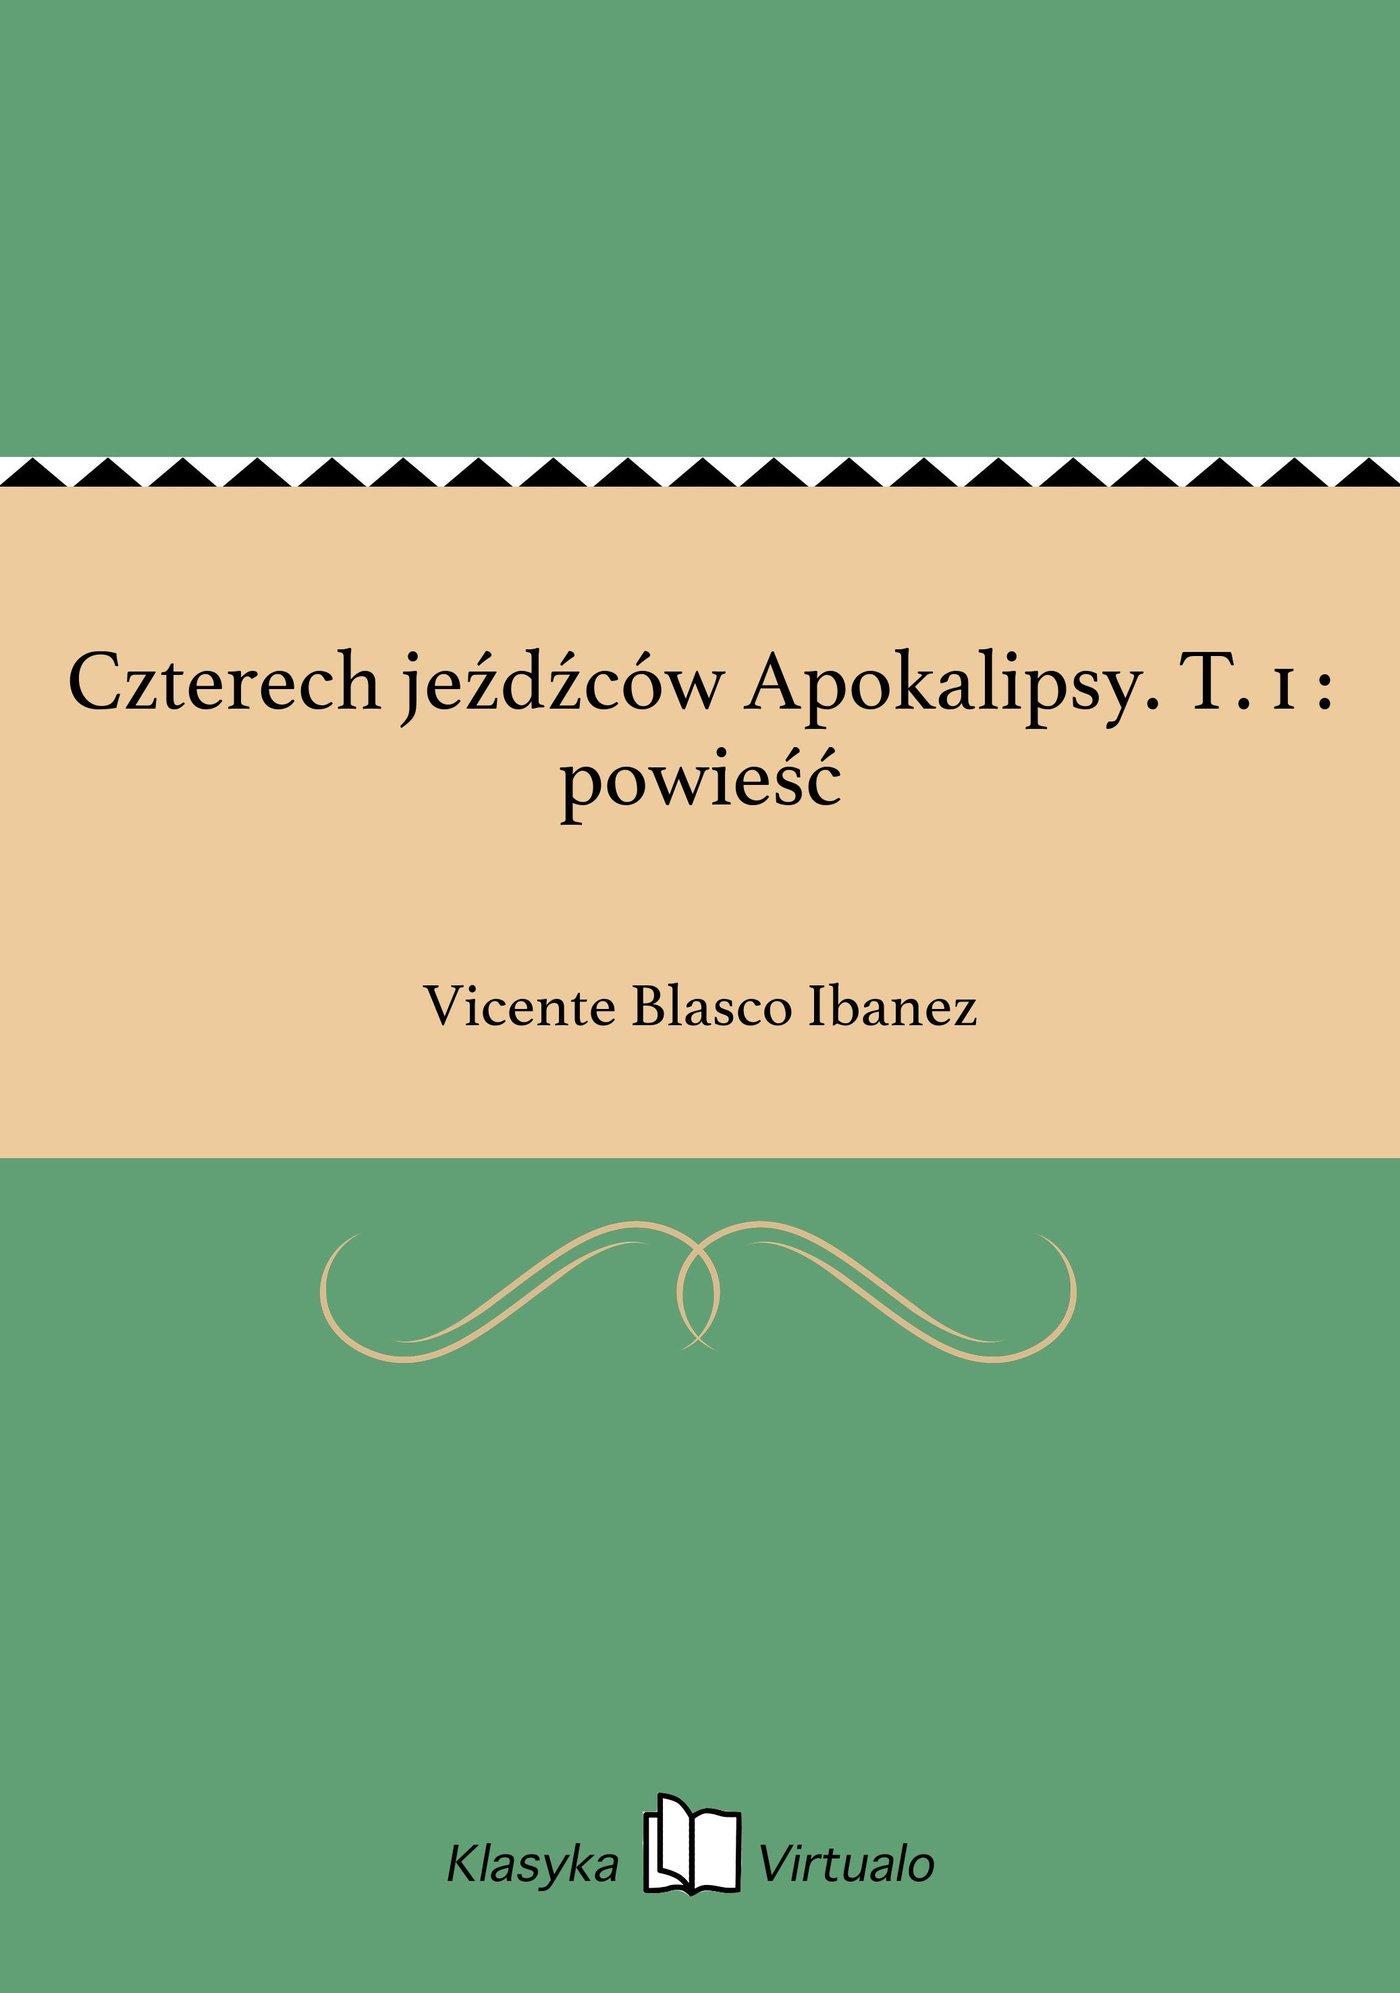 Czterech jeźdźców Apokalipsy. T. 1 : powieść - Ebook (Książka EPUB) do pobrania w formacie EPUB